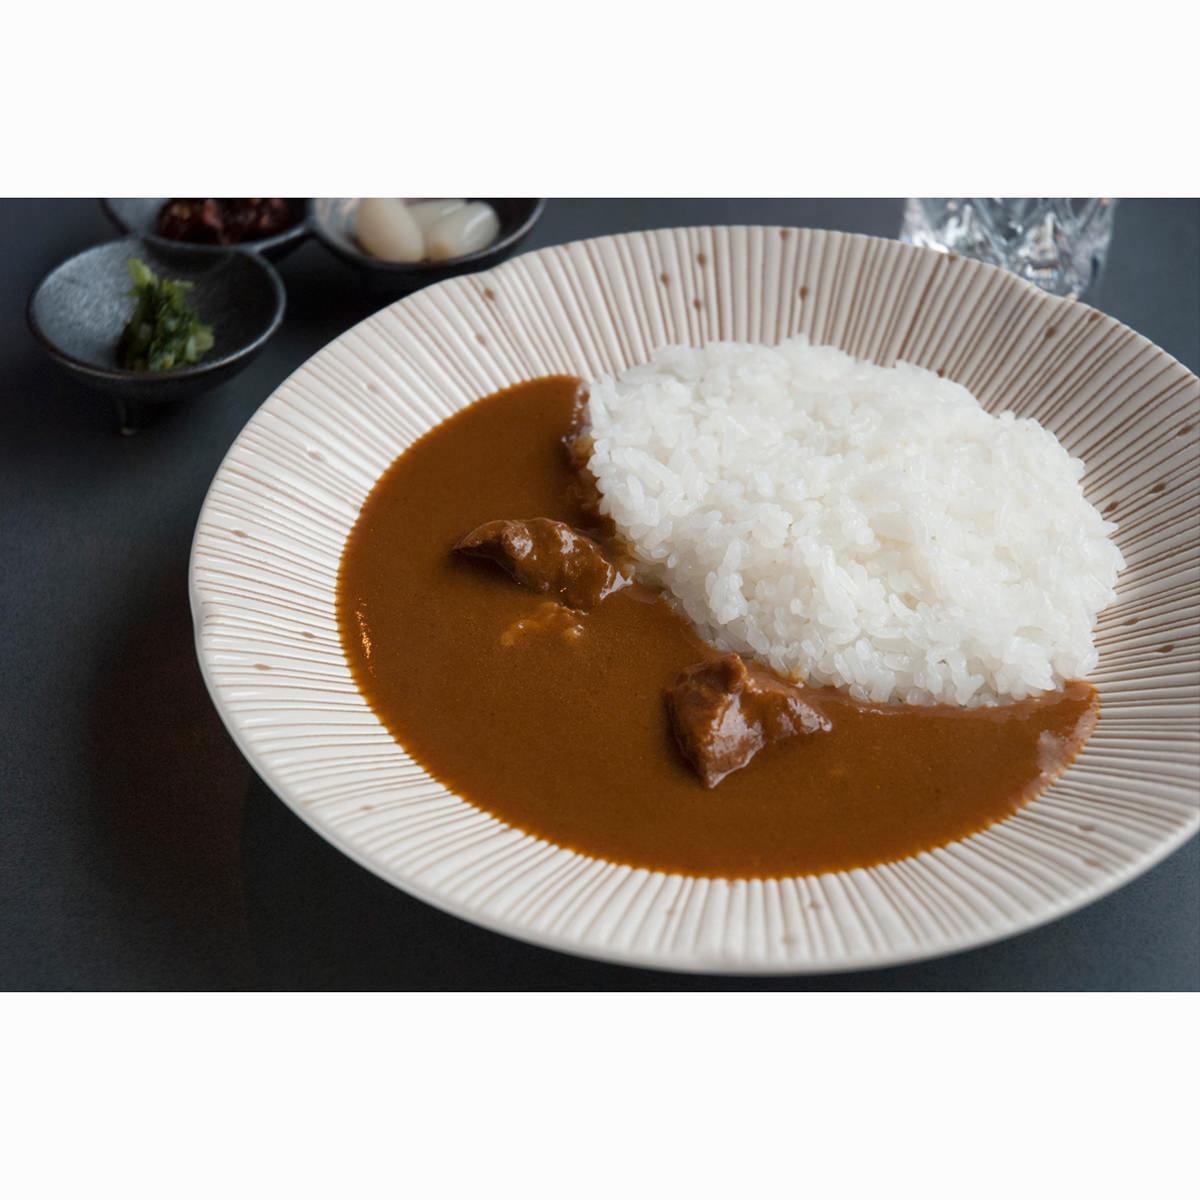 ほてるISAGO神戸 神戸牛カレー 6食 〔200g×6〕 兵庫県 レトルトカレー 神戸